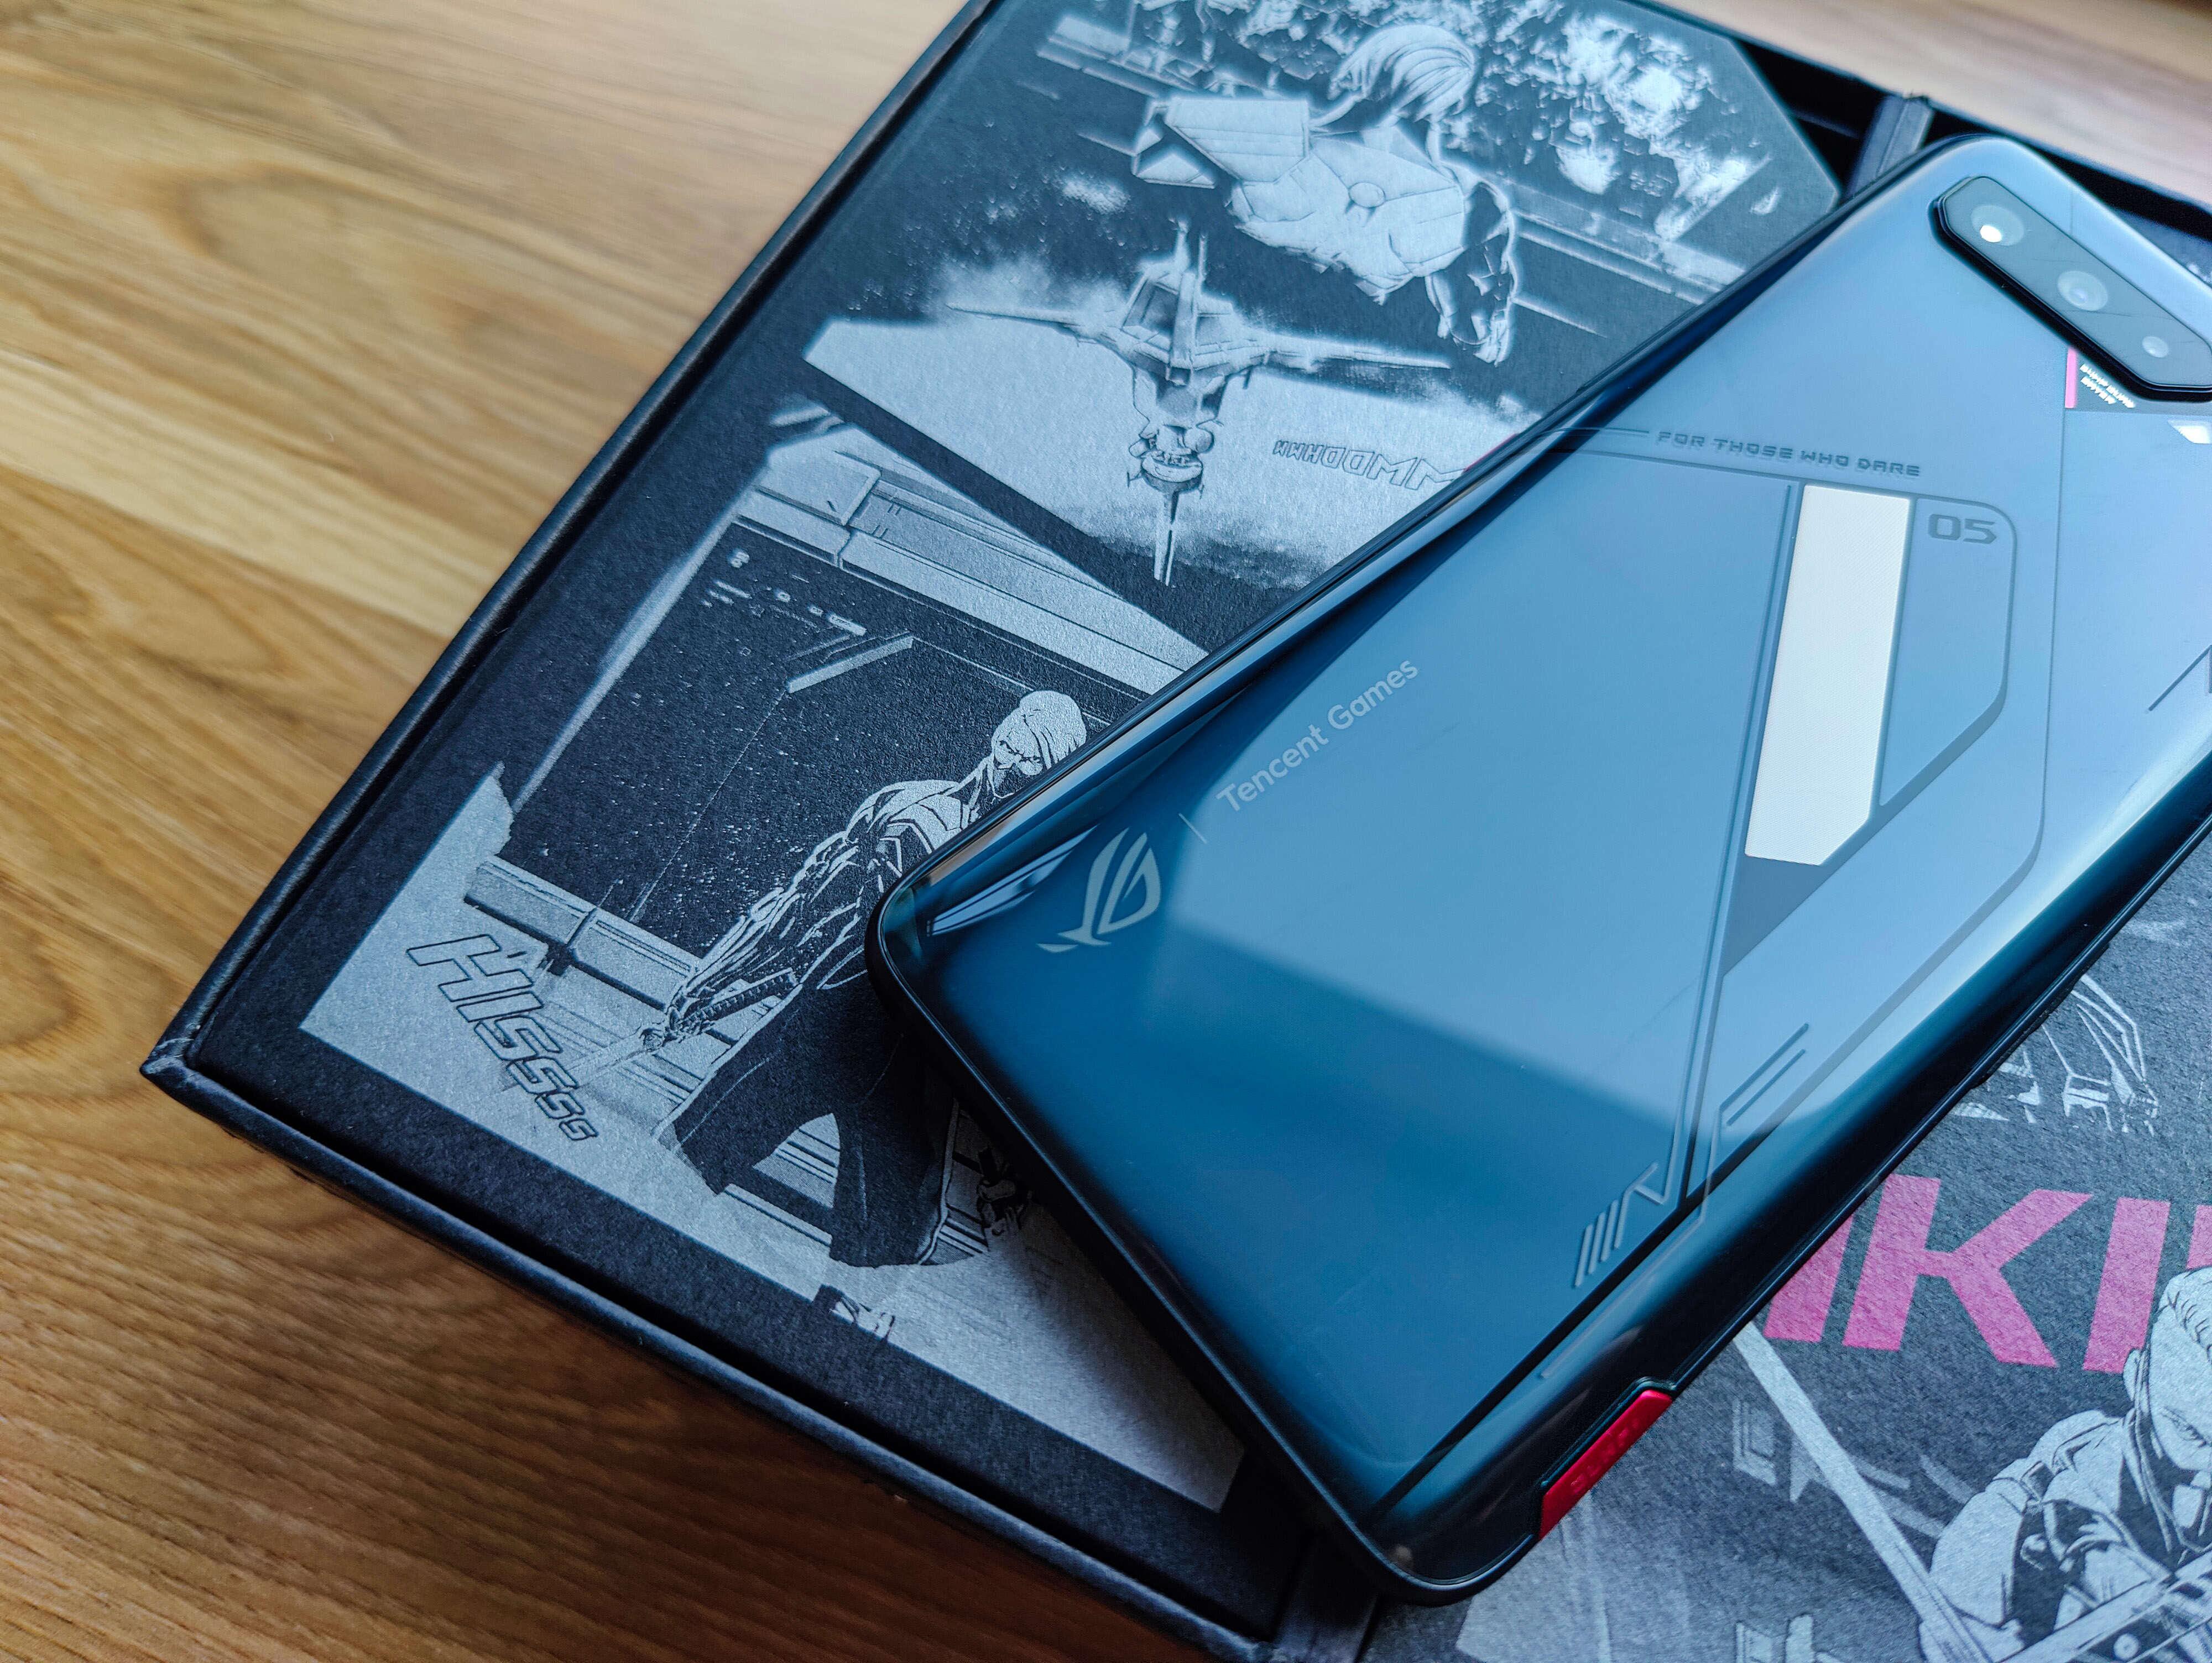 腾讯ROG游戏手机5s Pro评测:骁龙888 Plus性能拉满